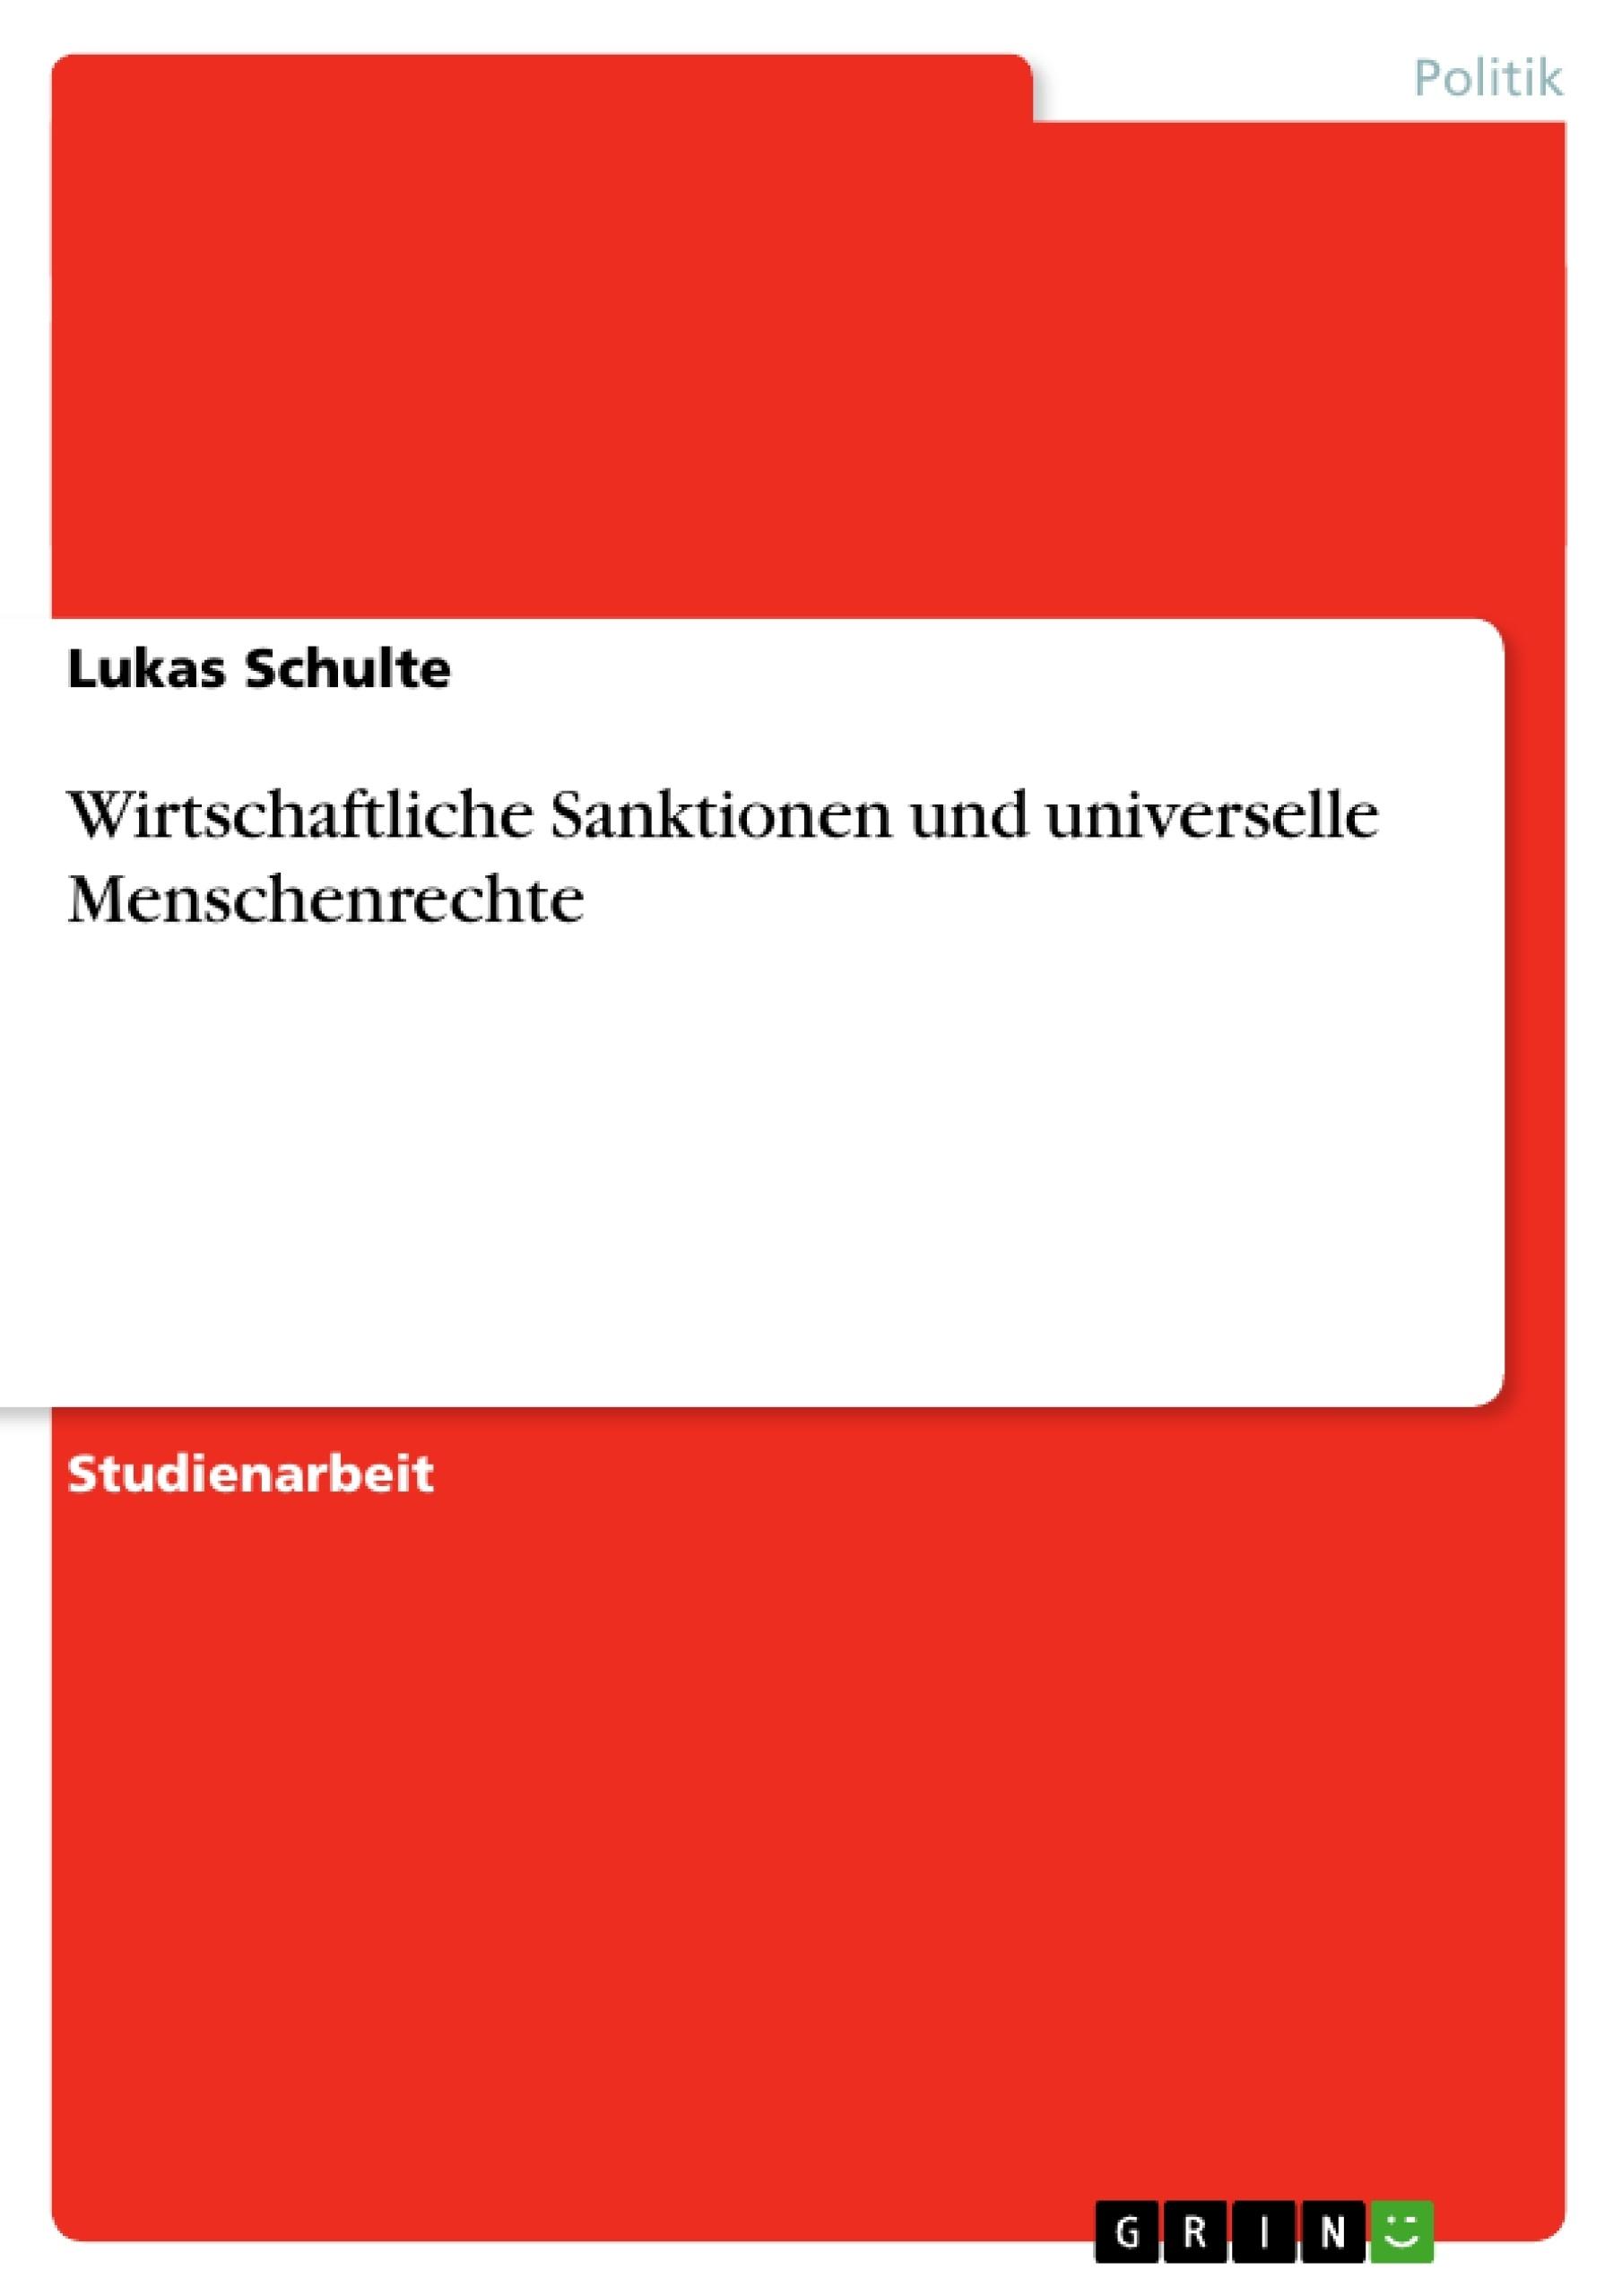 Titel: Wirtschaftliche Sanktionen und universelle Menschenrechte